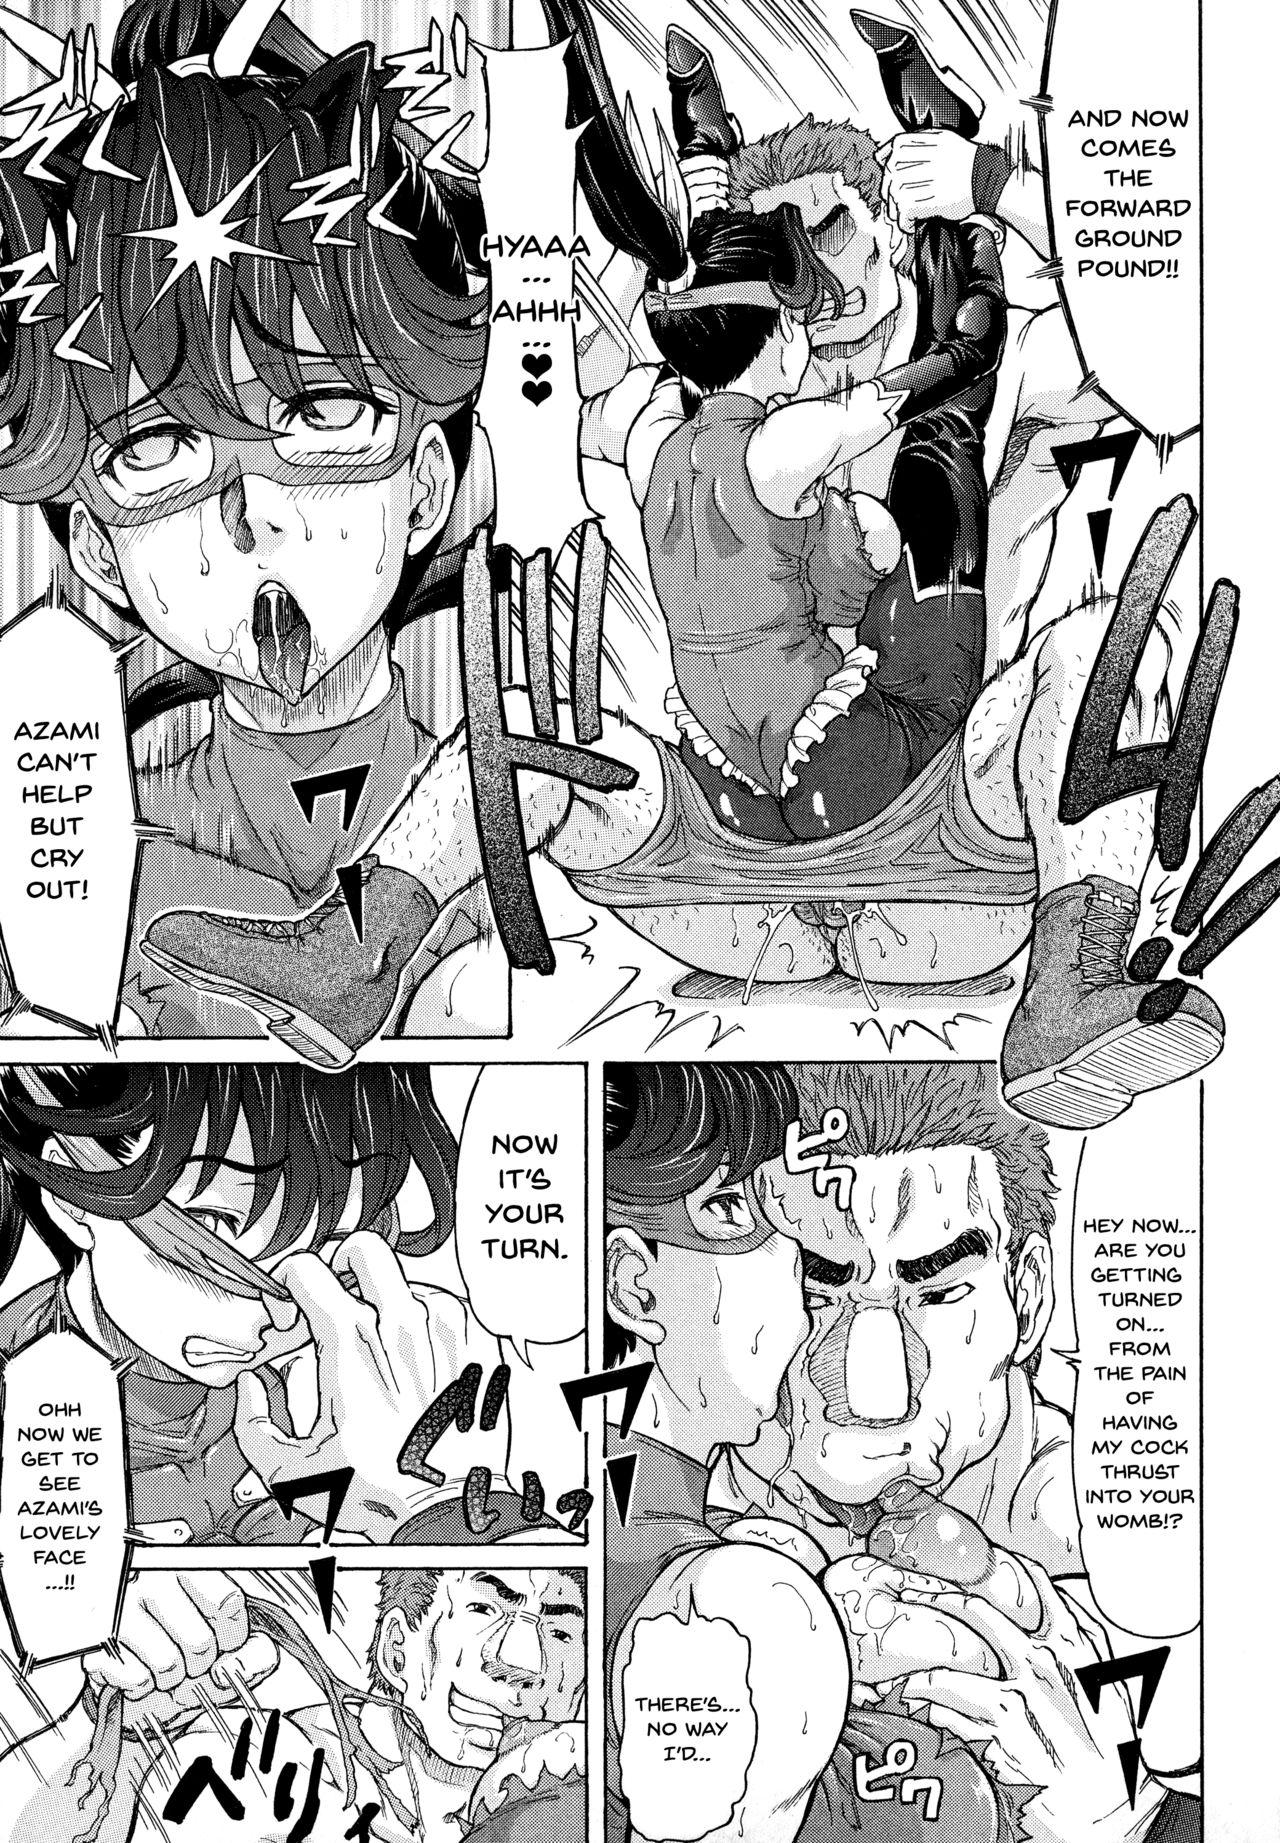 [Minority] Negative Kanako-sensei Ch. 1-6 [English] {Doujins.com} 150